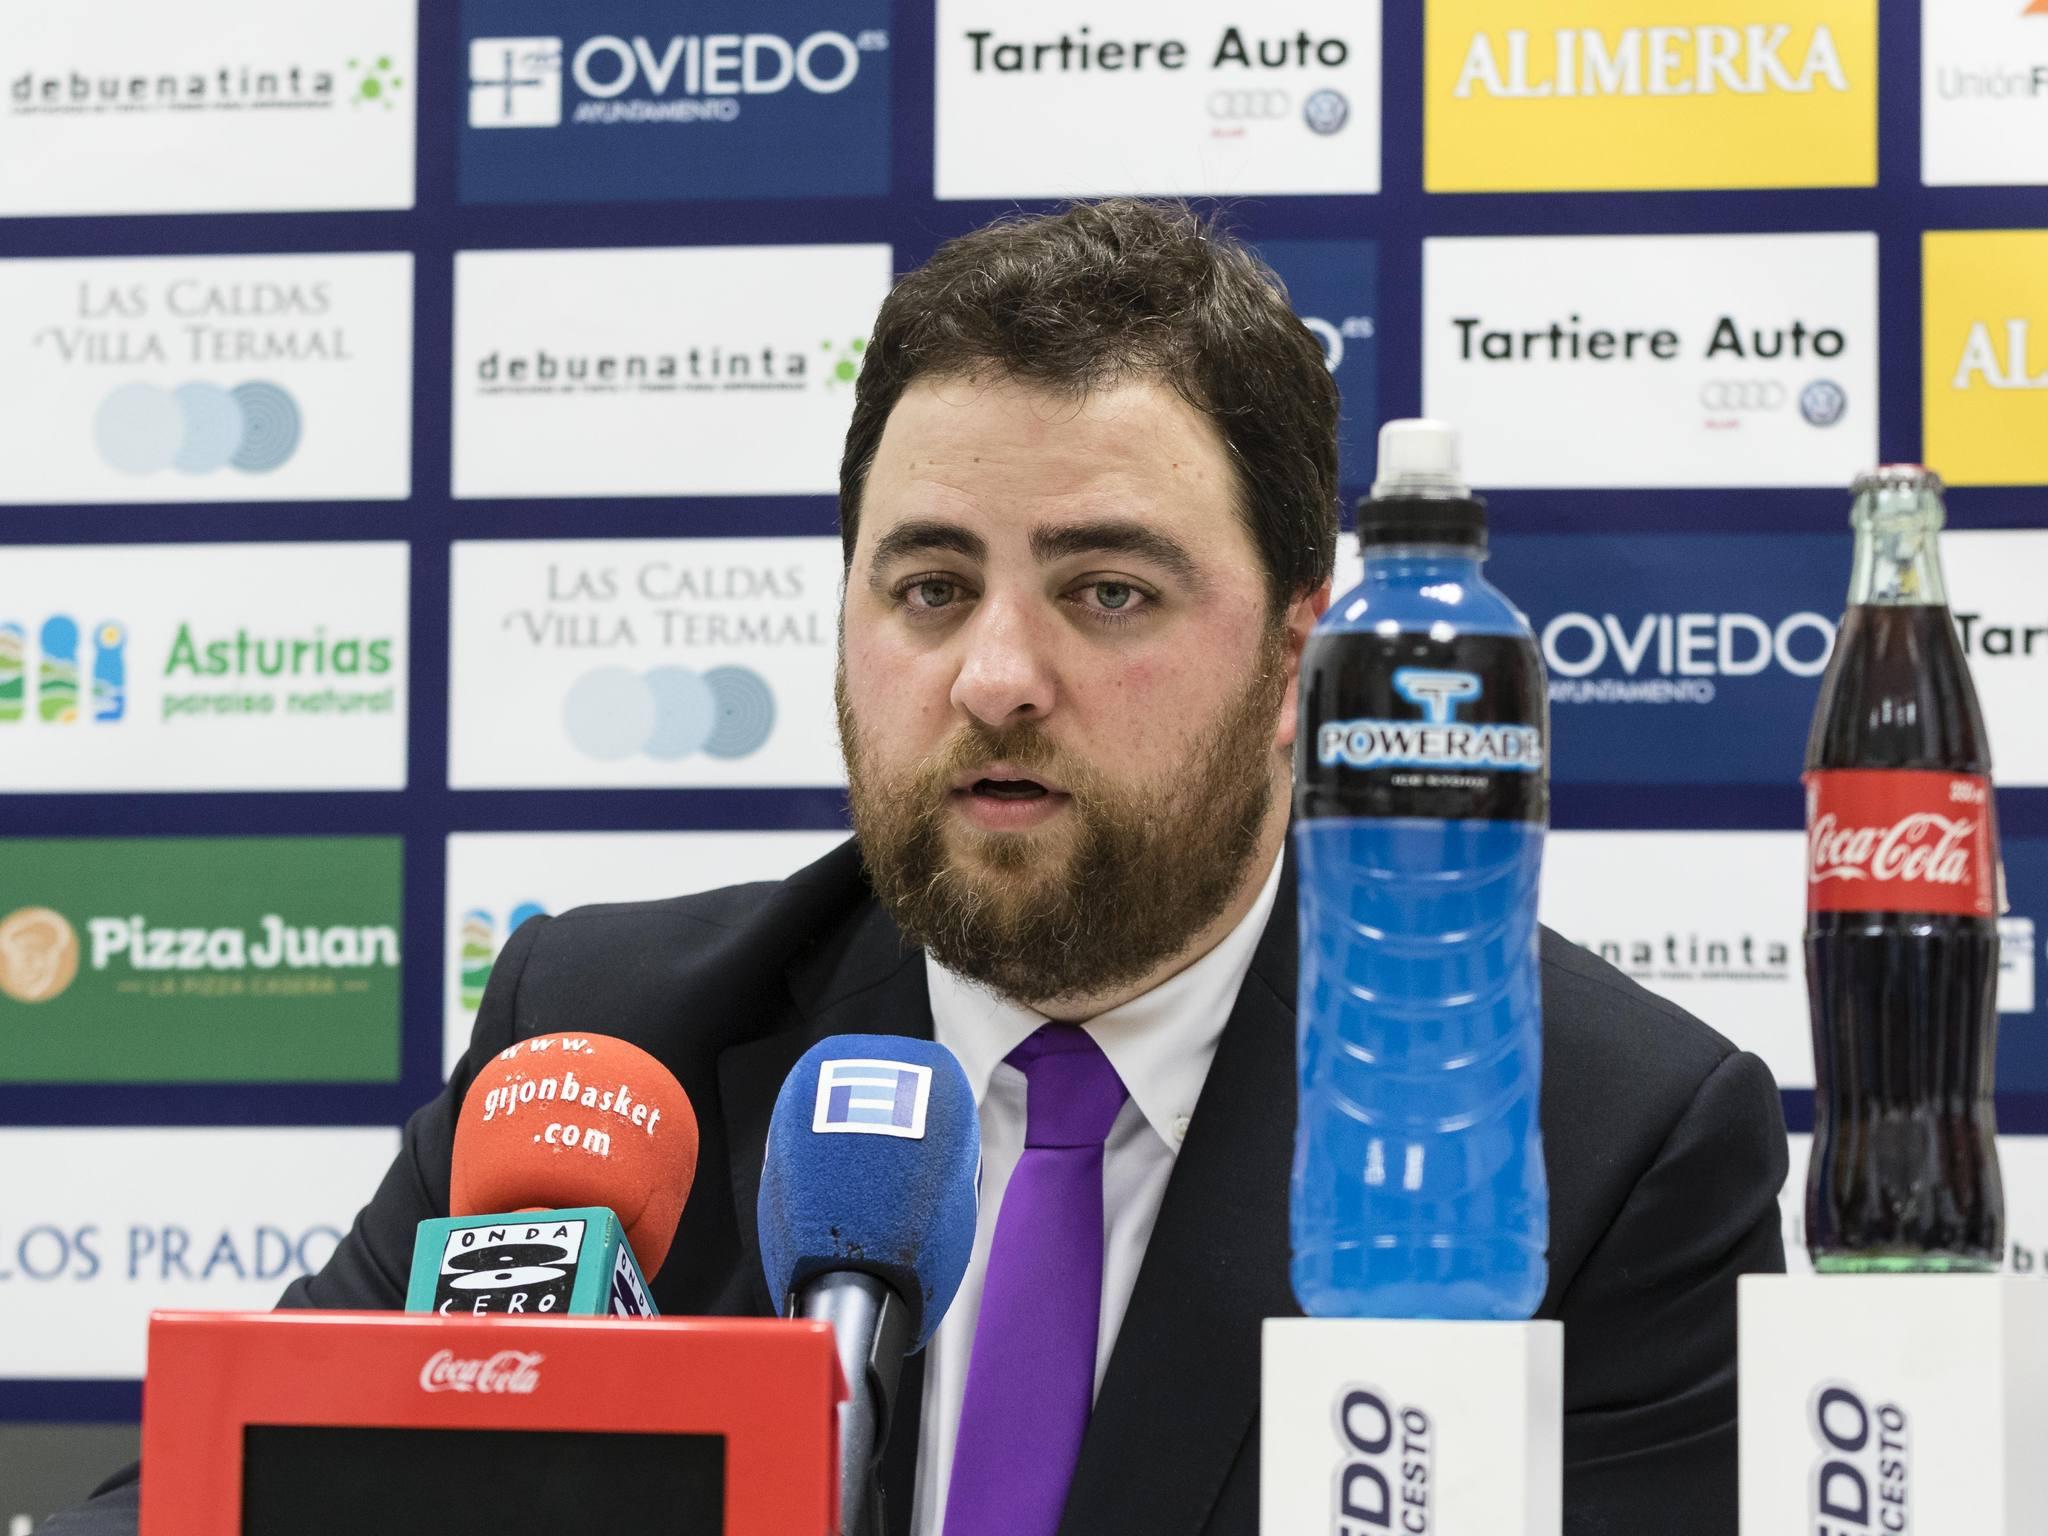 Sergio García en rueda de prensa (Foto: Christian García)